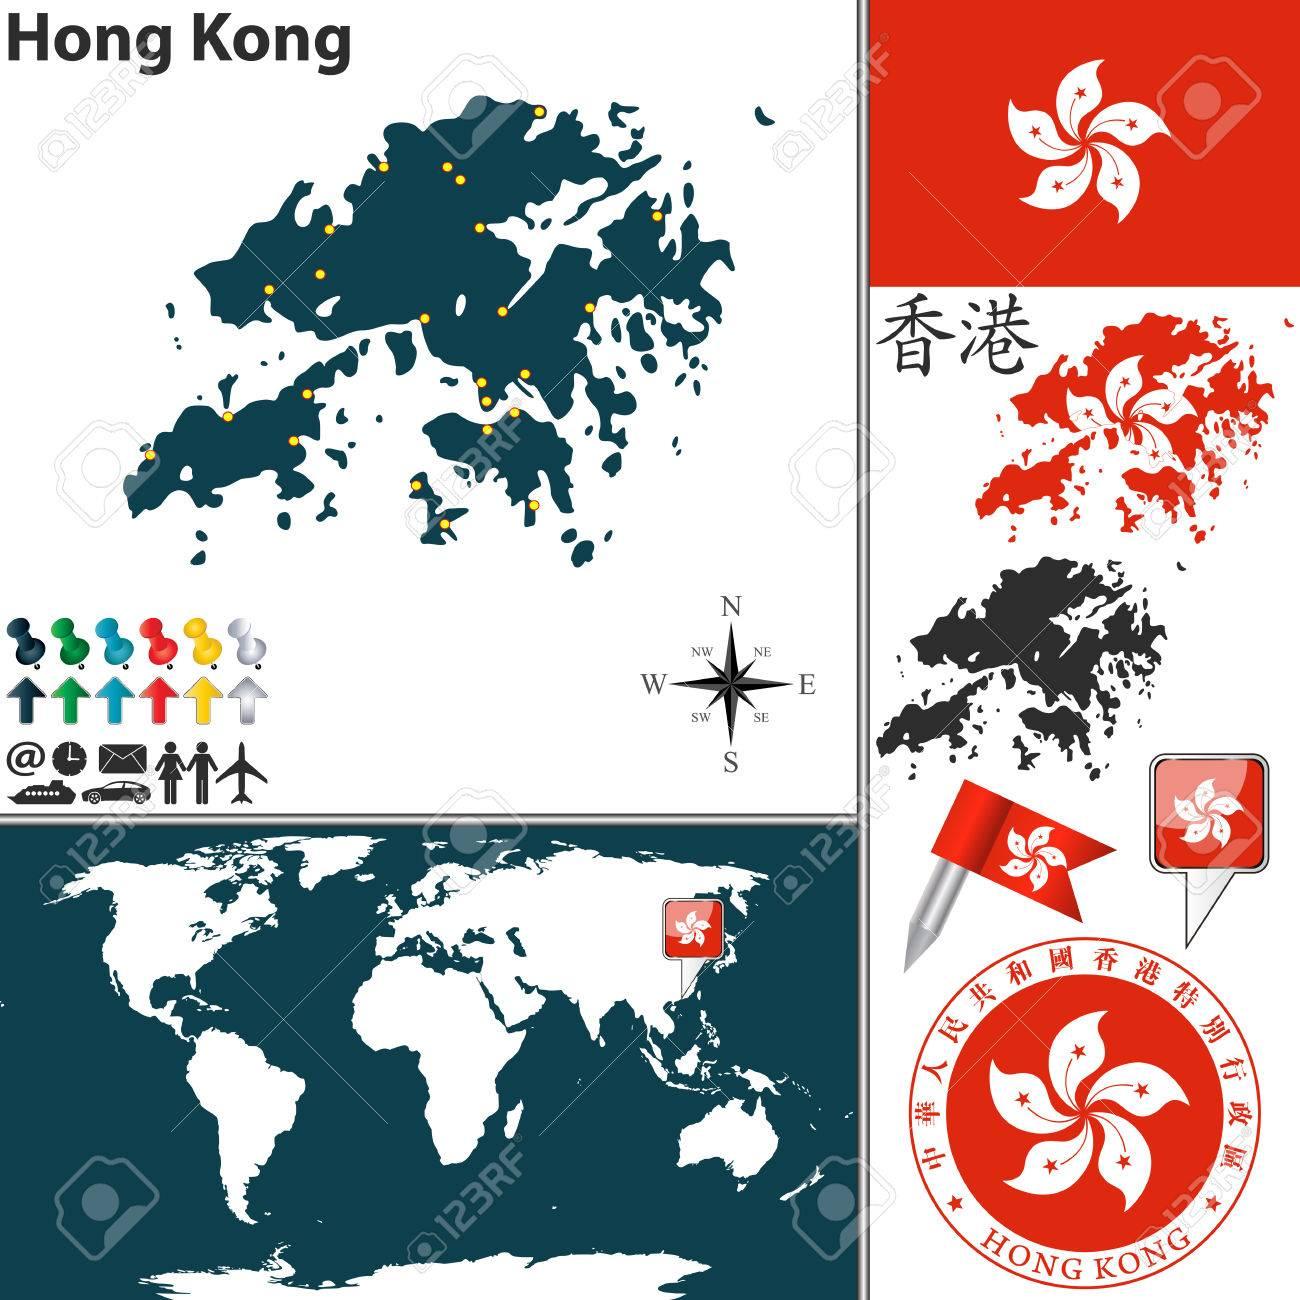 Hong Kong Location On World Map.Map Of Hong Kong With Coat Of Arms And Location On World Map Royalty